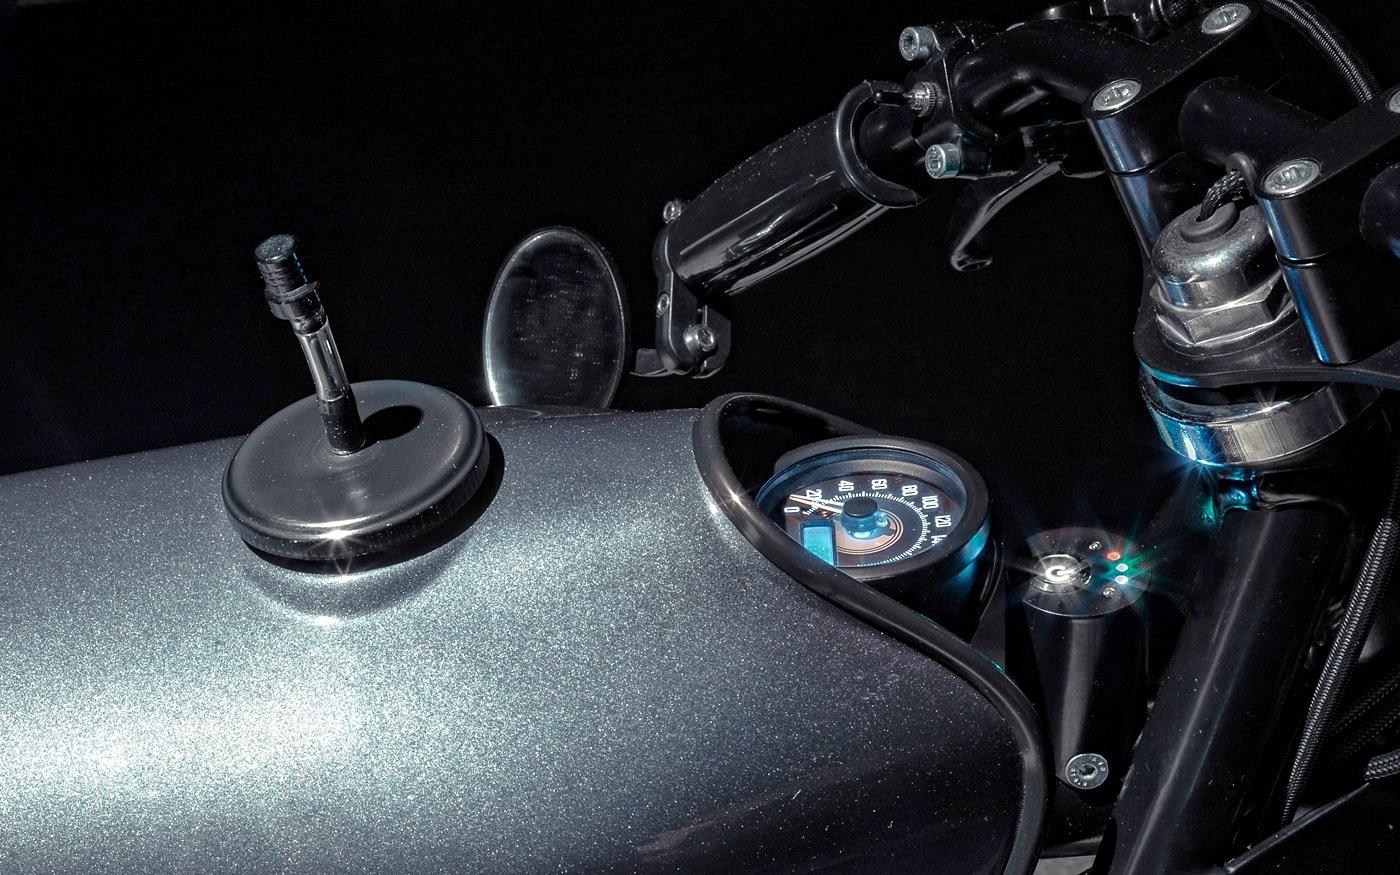 BMW R80rt1-Le-French-Atelier-Versailles-Custom-Moto-Bécane-effronté-07